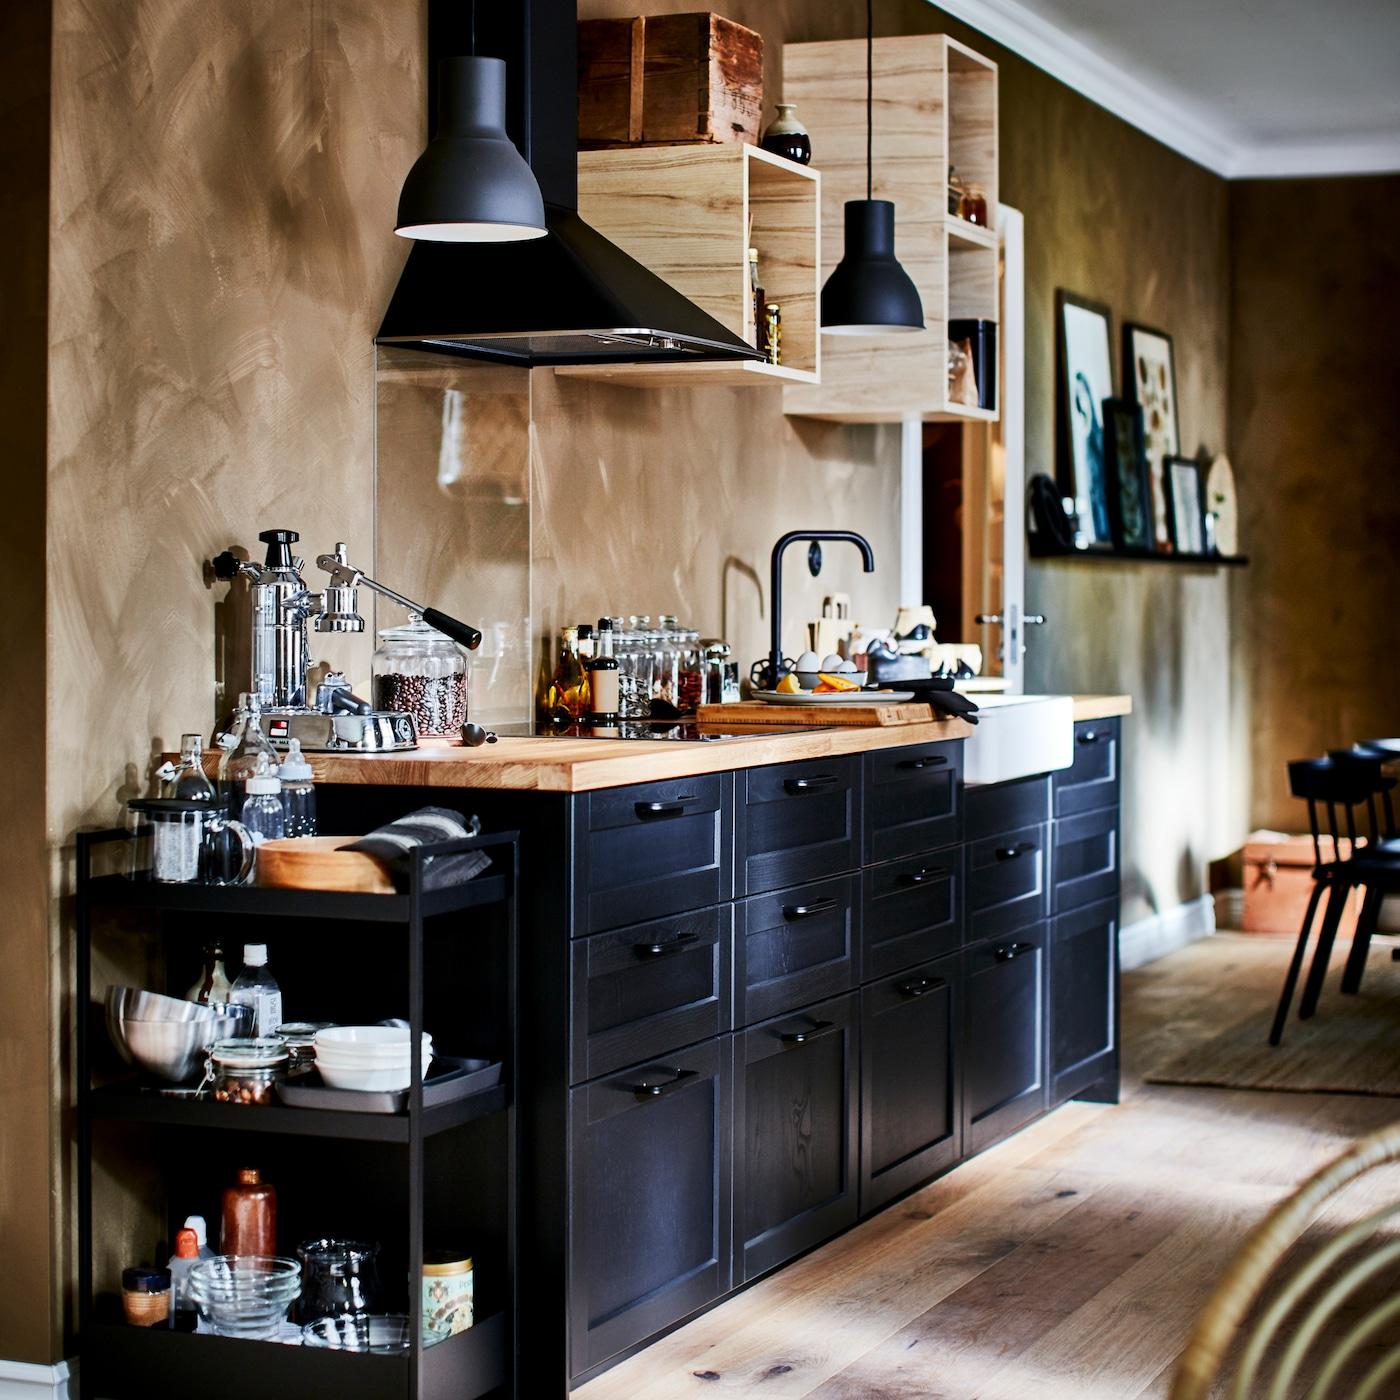 ブラックの引き出し前部のキッチン、木製ワークトップ、ブラックワゴン、オープンウォールキャビネット、2つのダークグレーペンダントランプ。